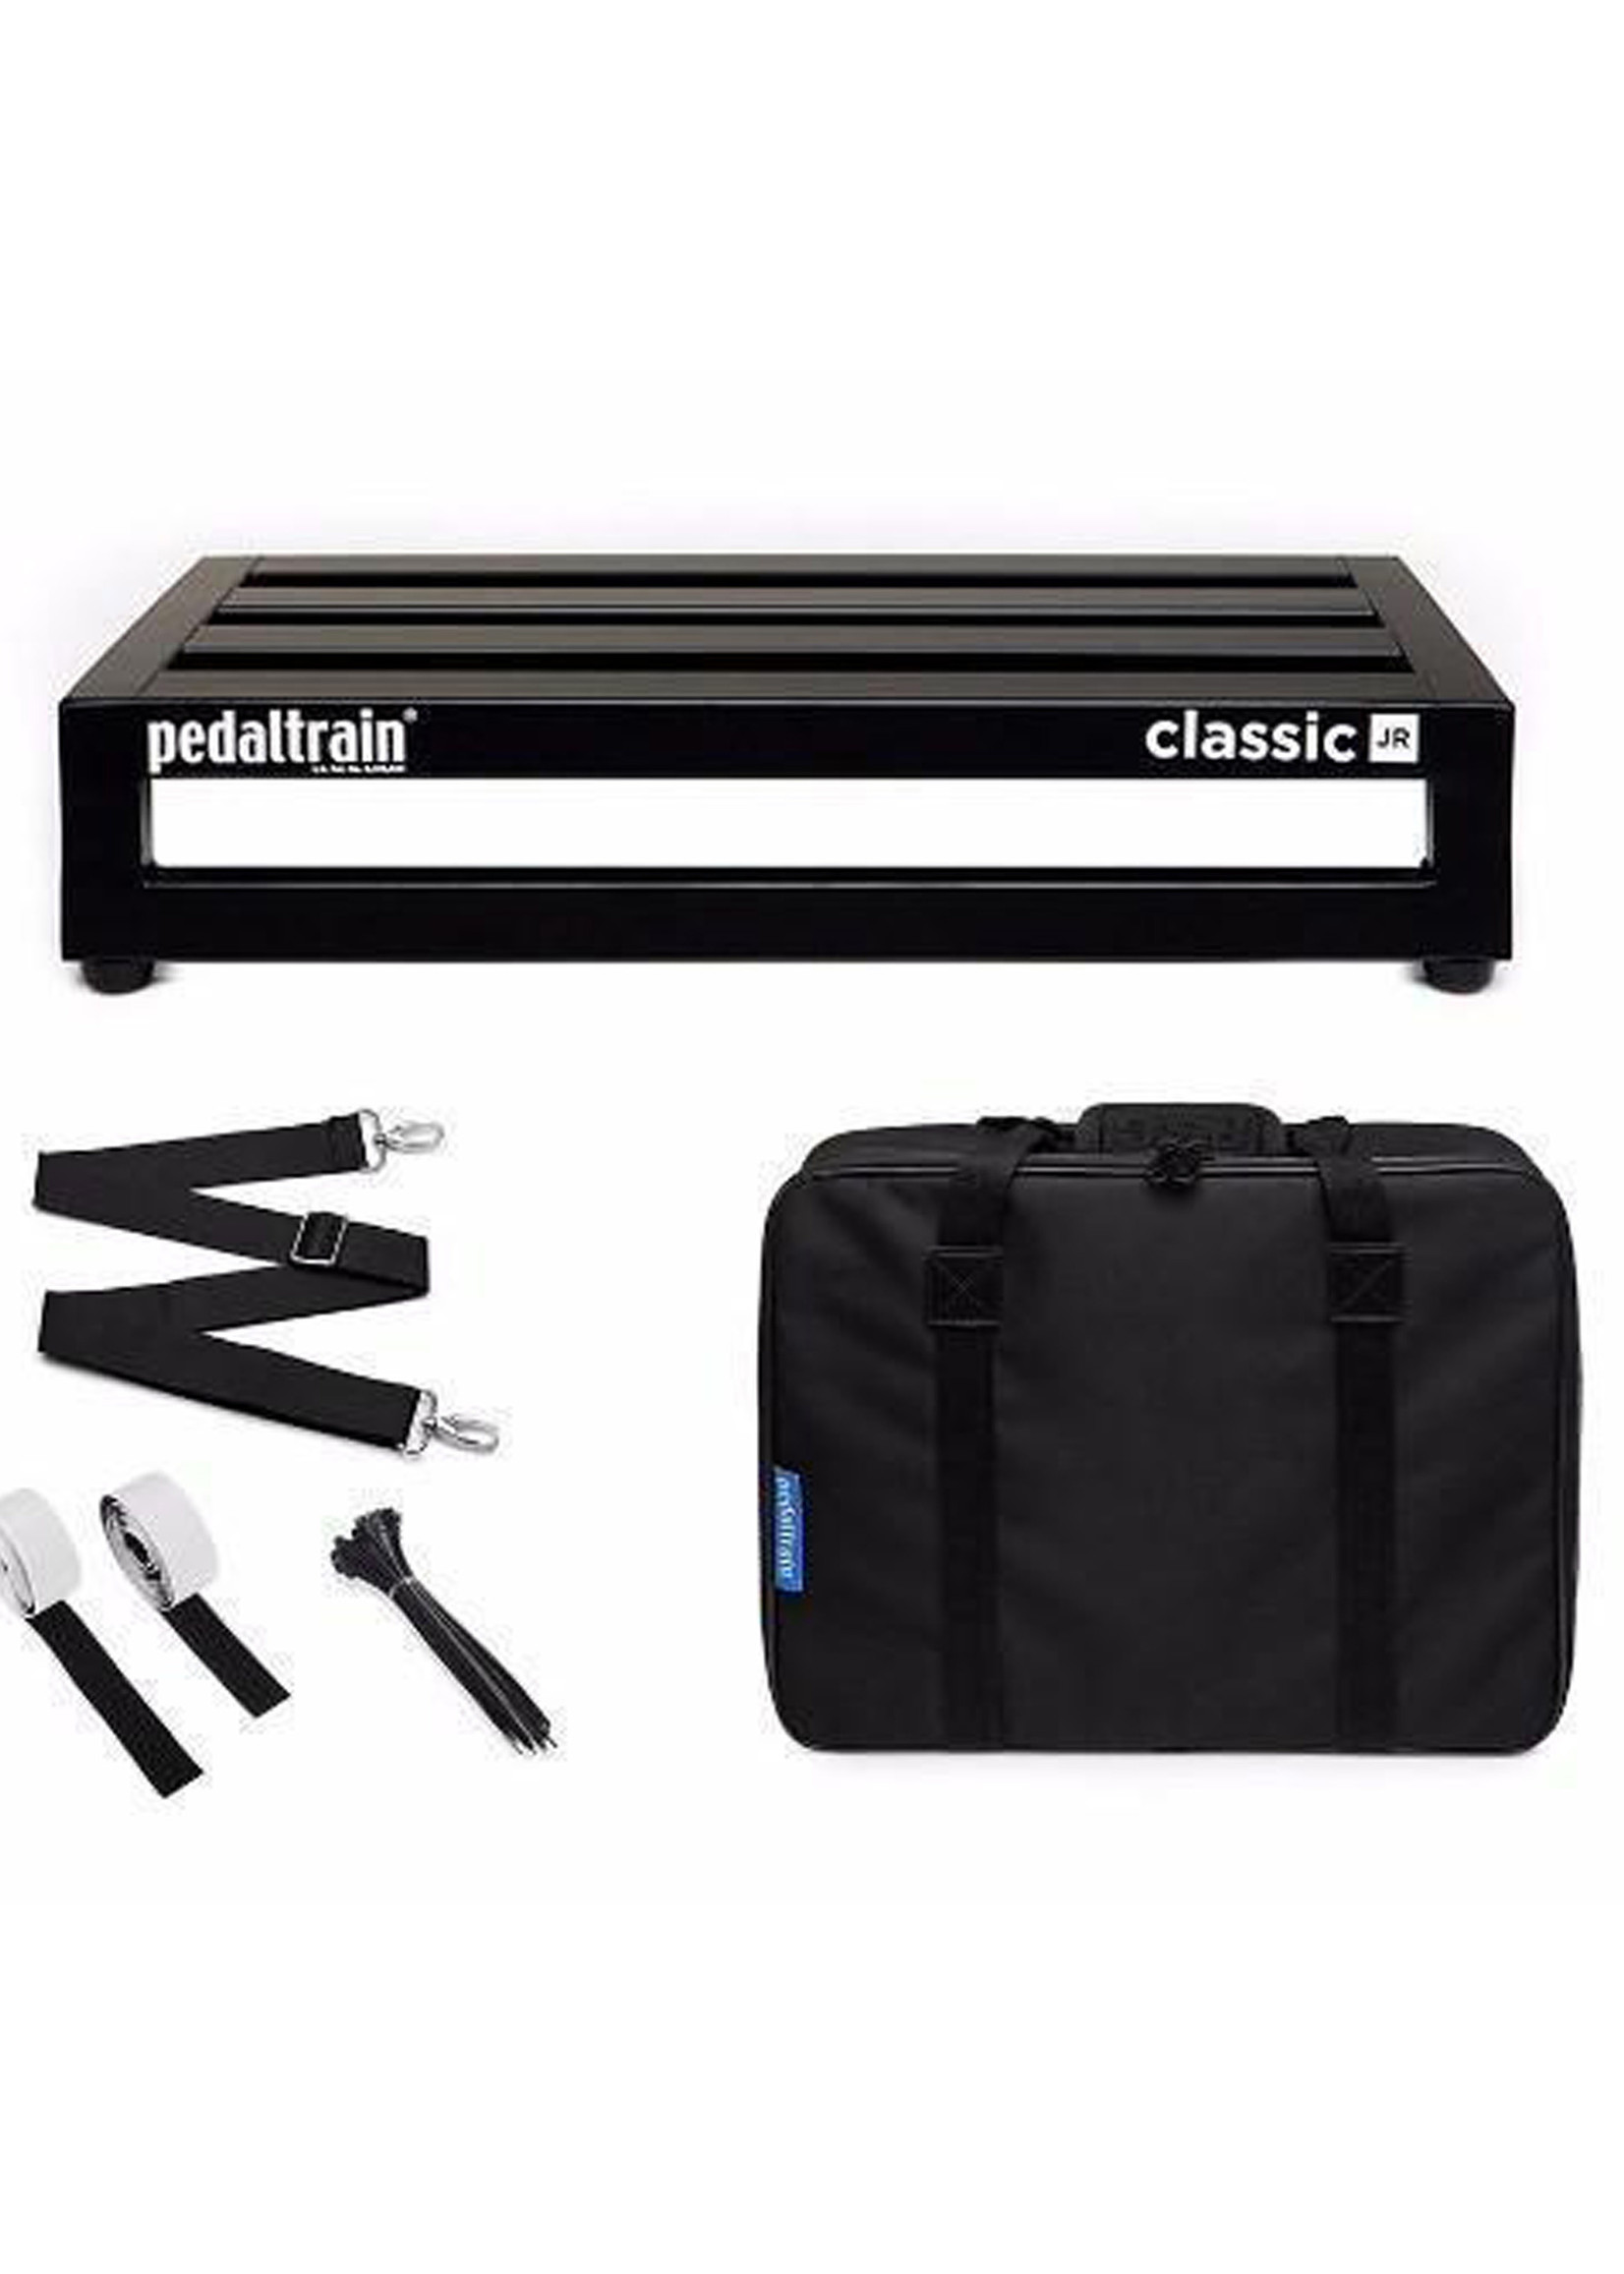 PEDALTRAIN Pedaltrain Classic JR With Soft Case